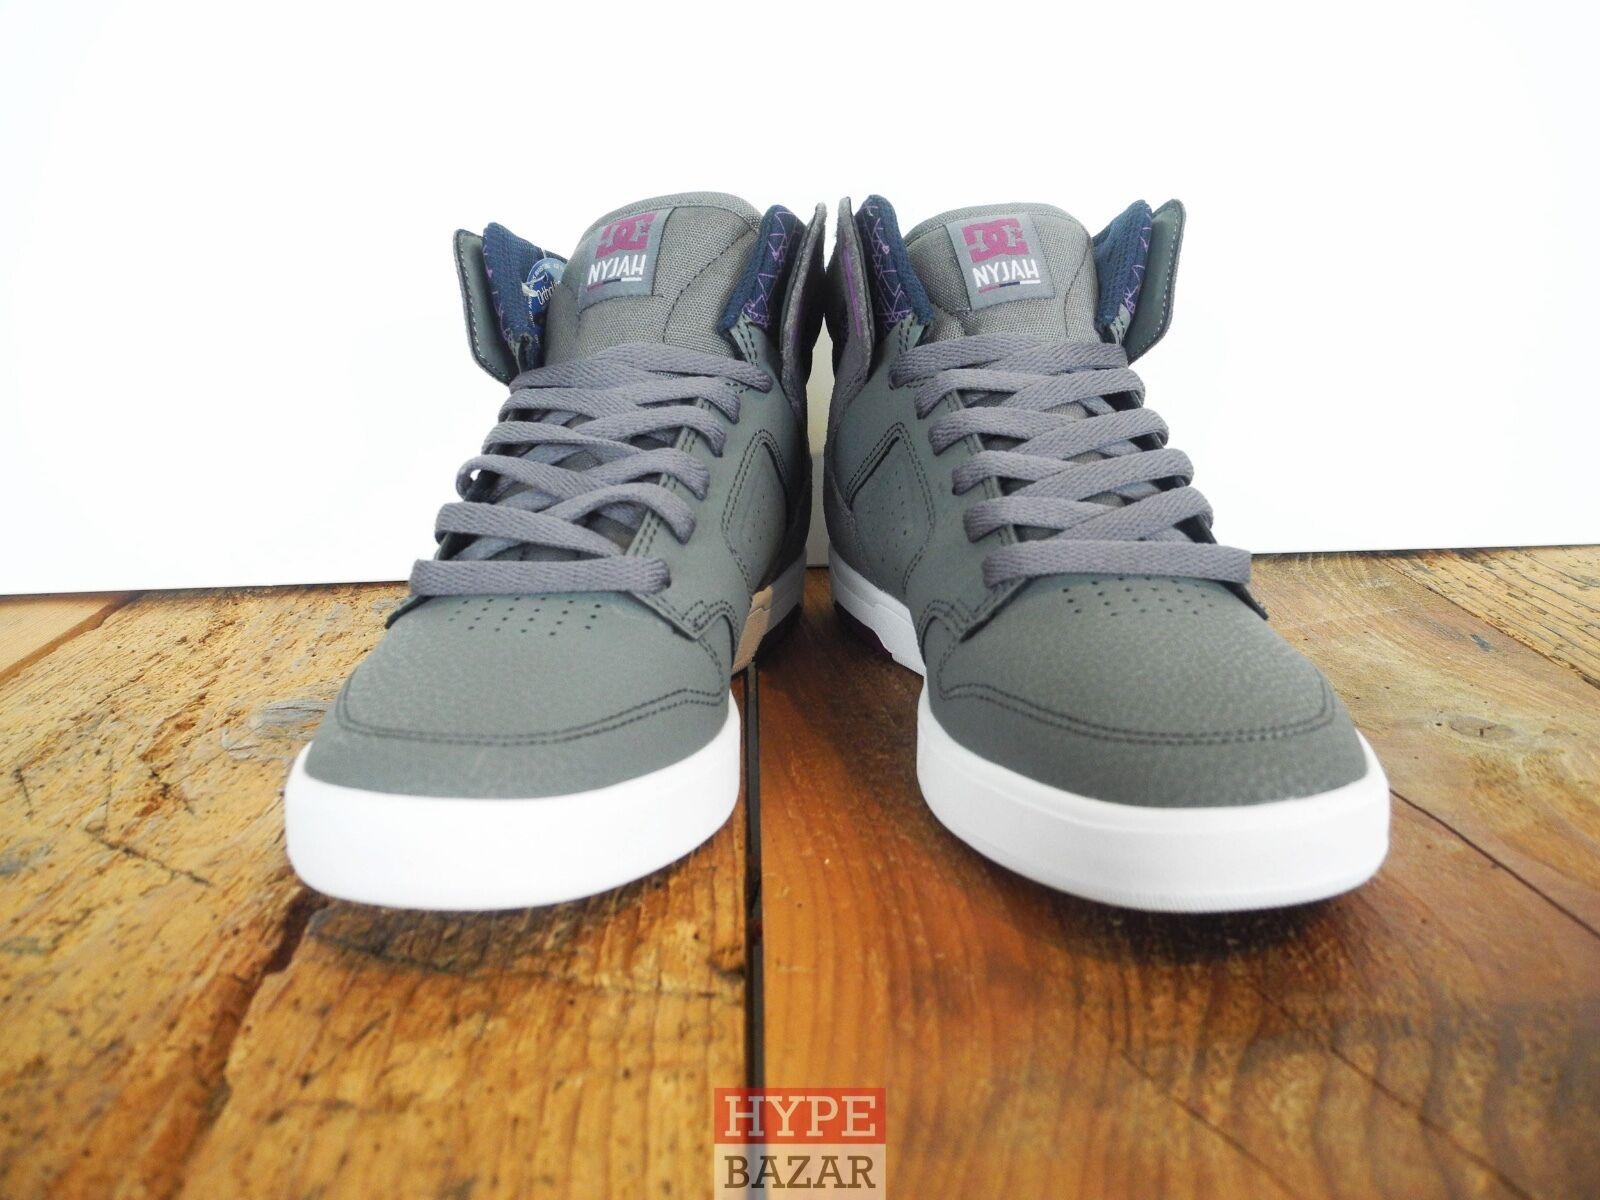 DC Zapatos Nyjah High Co zapatos/cortos nuevo Gris-Morado DC Zapatos Co High 55a968